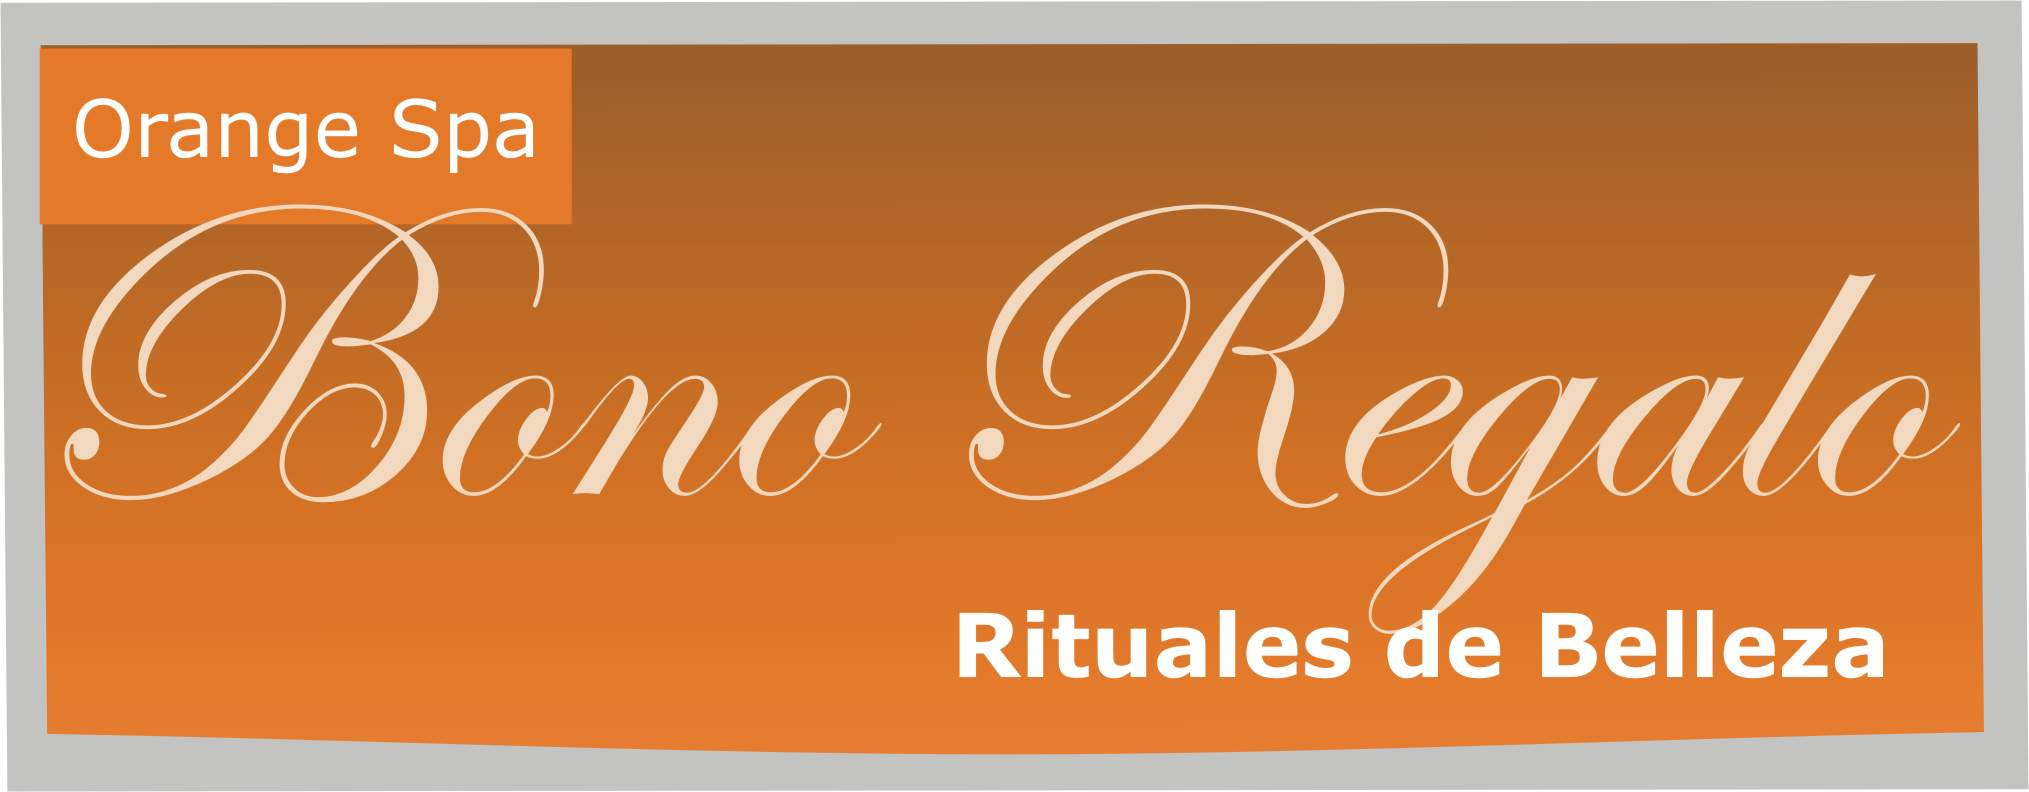 América Latina casino online tipos de bonos - 90599